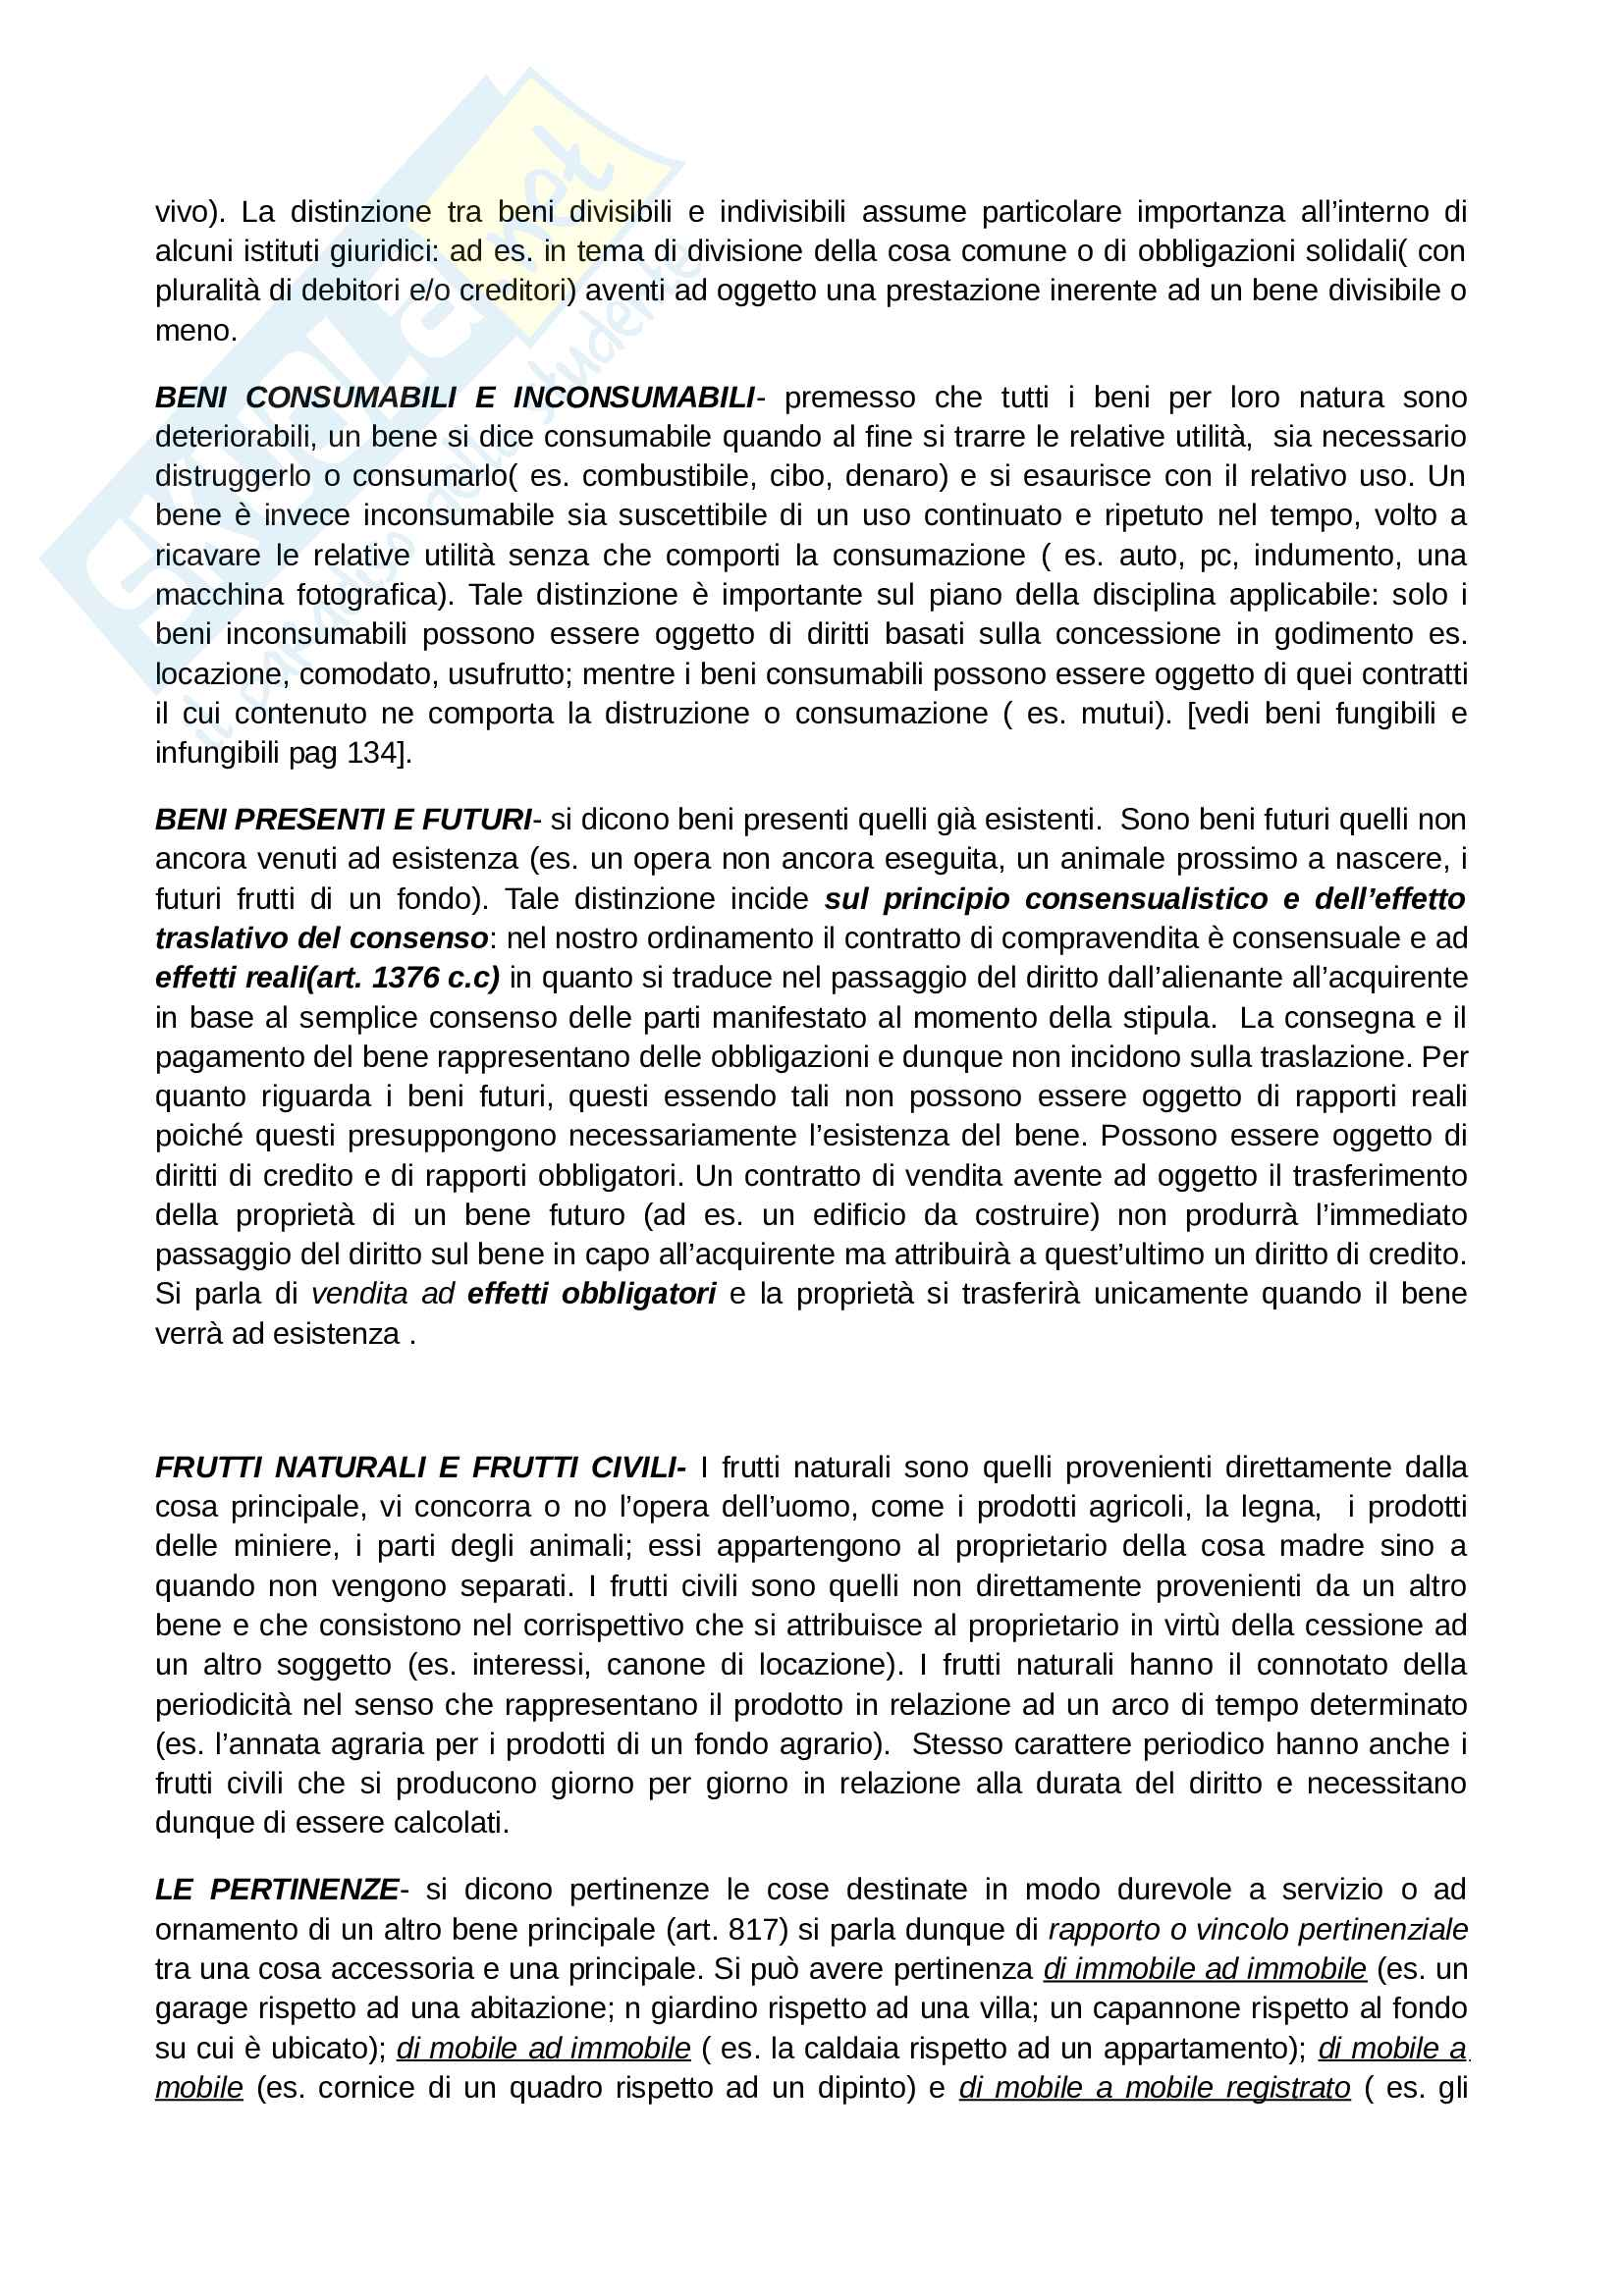 Riassunto esame di Diritto Privato, prof. Salvatore Bosa, libro consigliato: Diritto civile, Claudio Turco Pag. 16